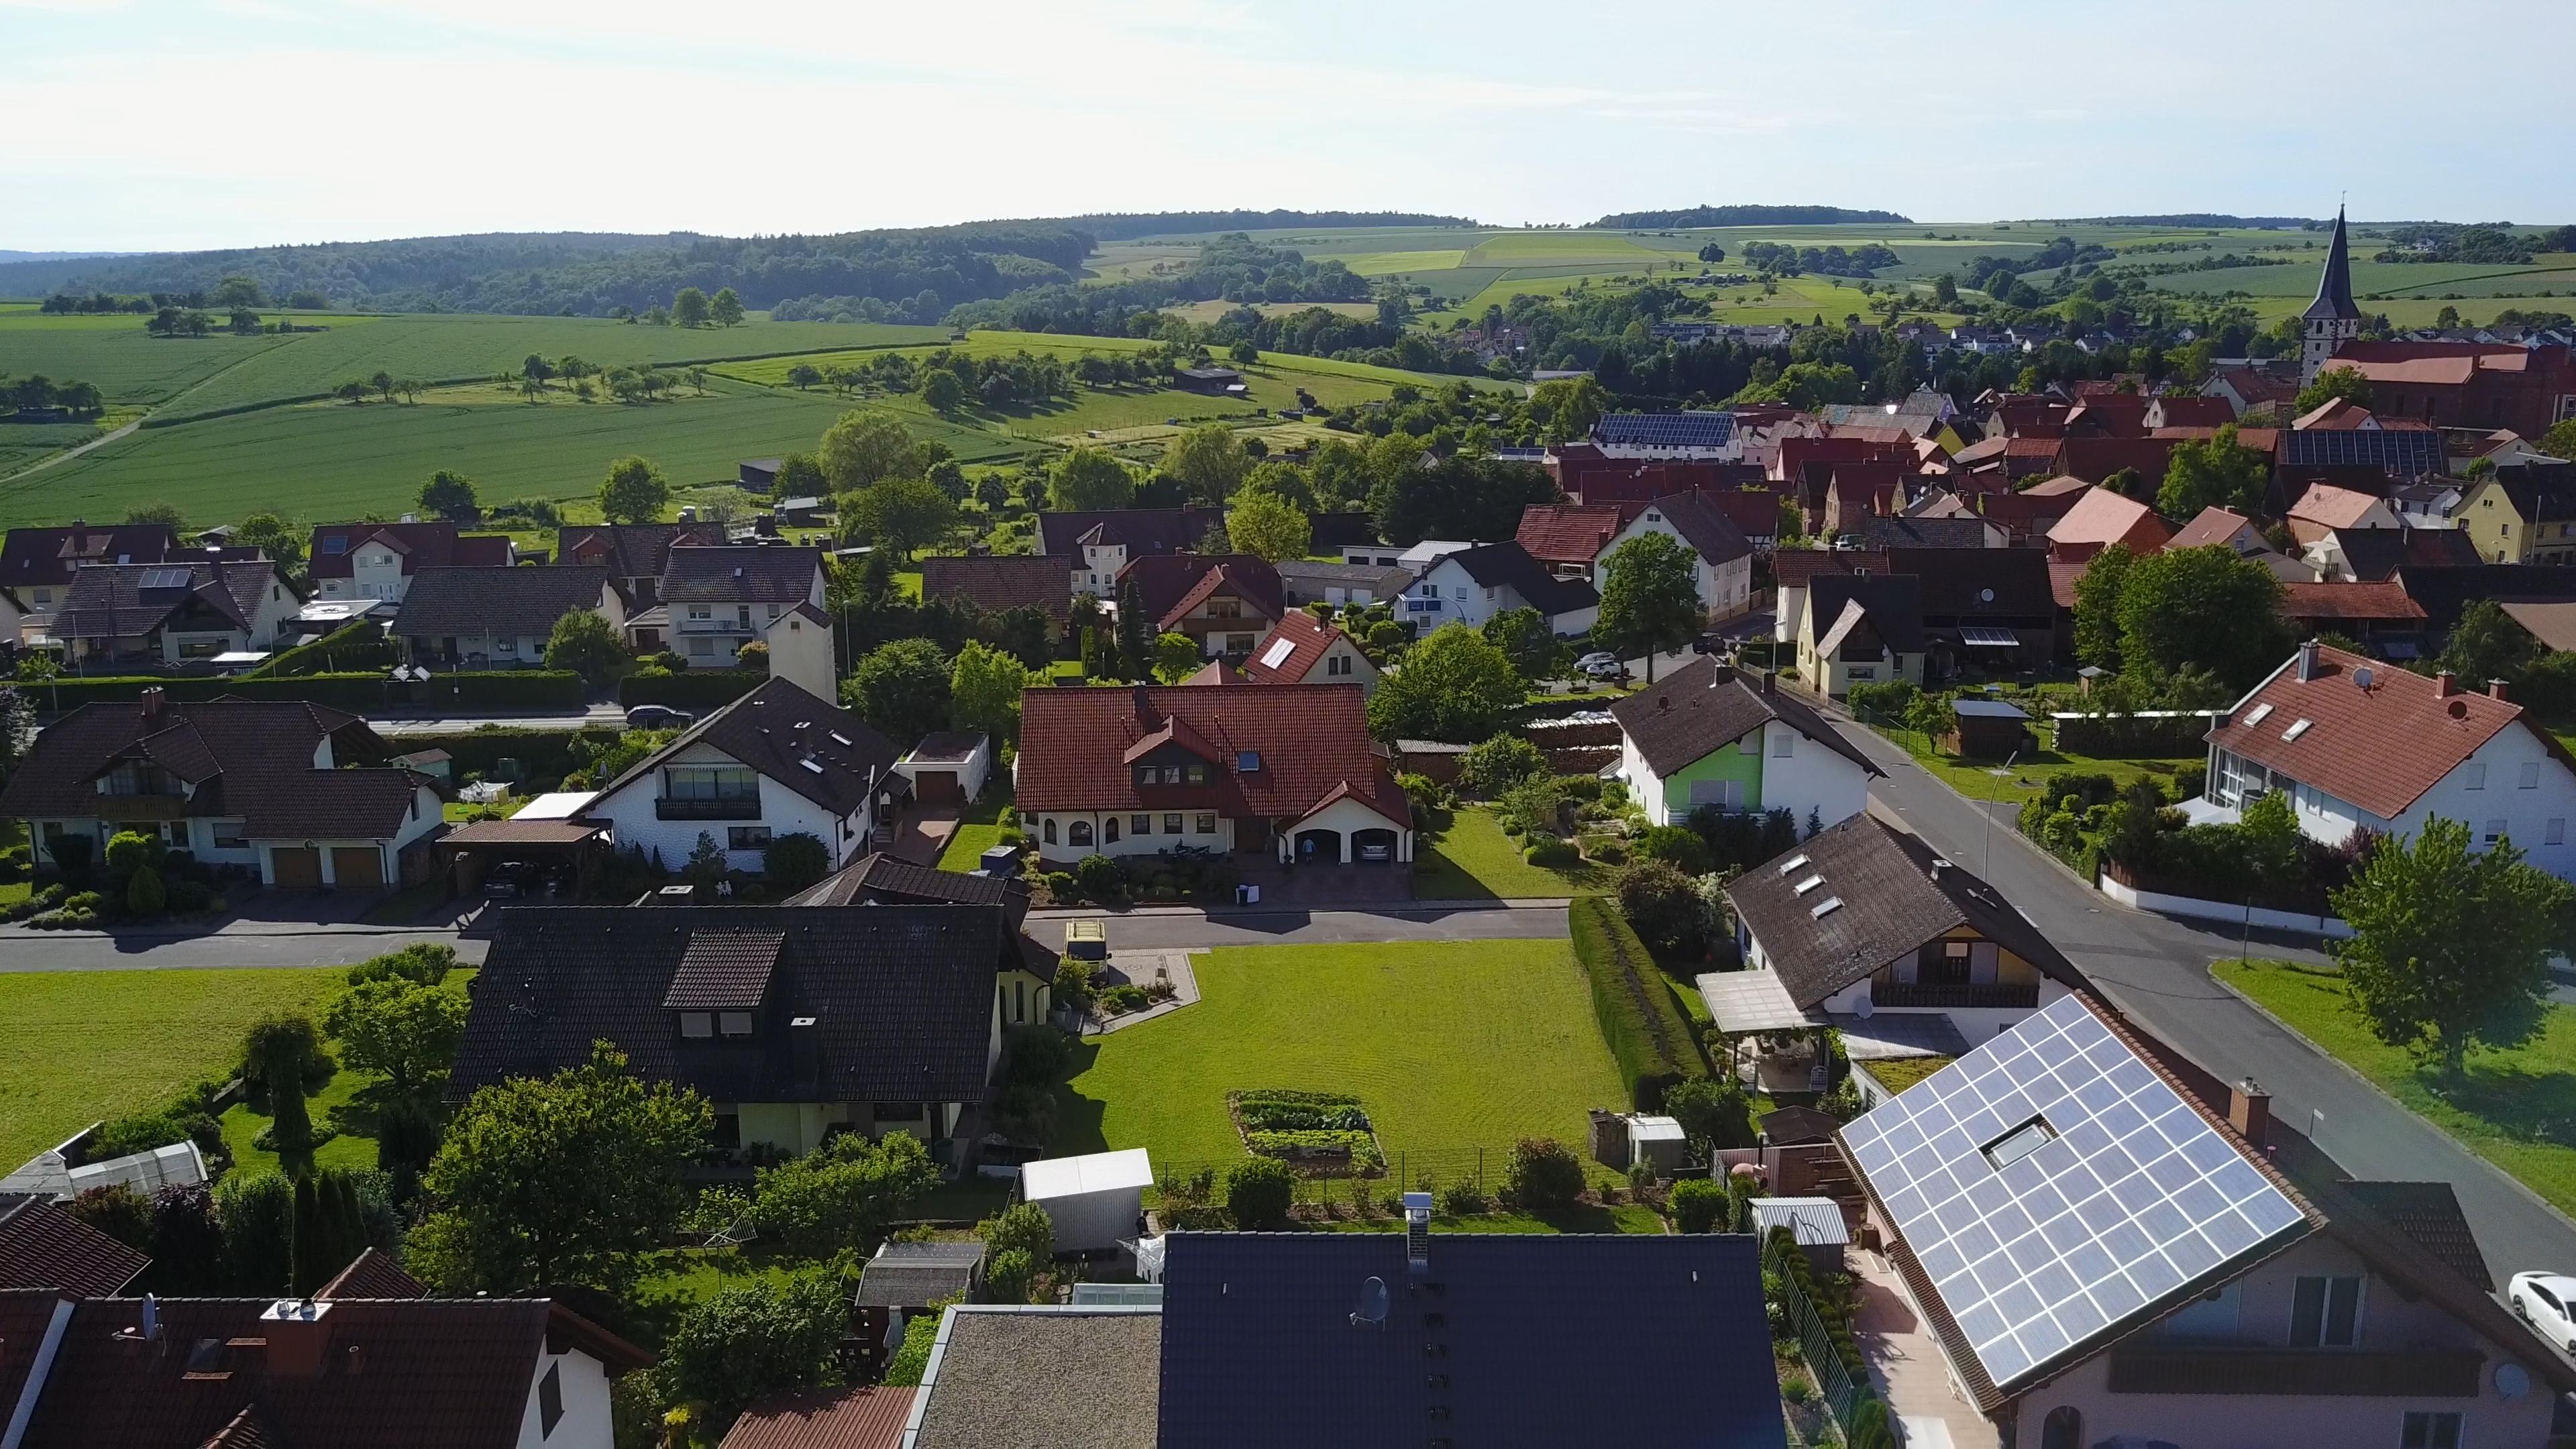 Röllbach